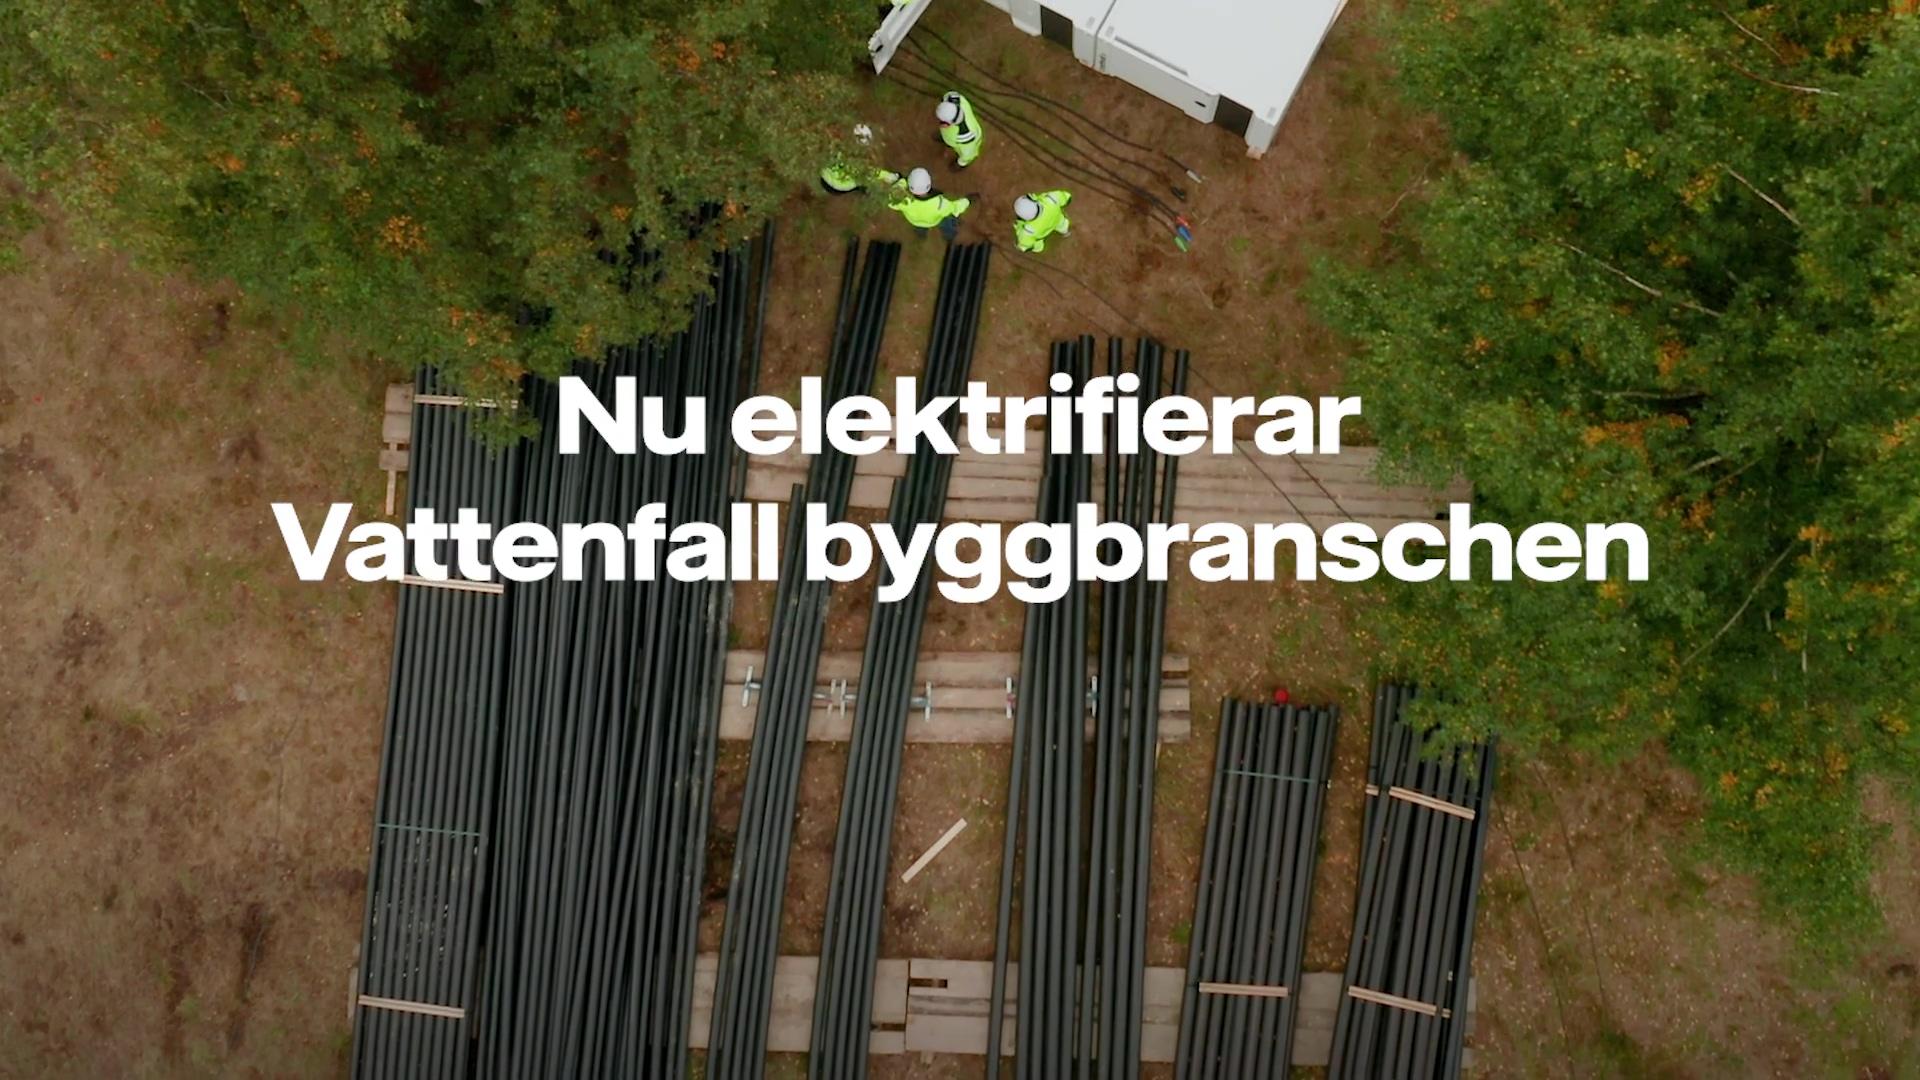 Mobila-batterier-byggarbetsplats-vattenfall